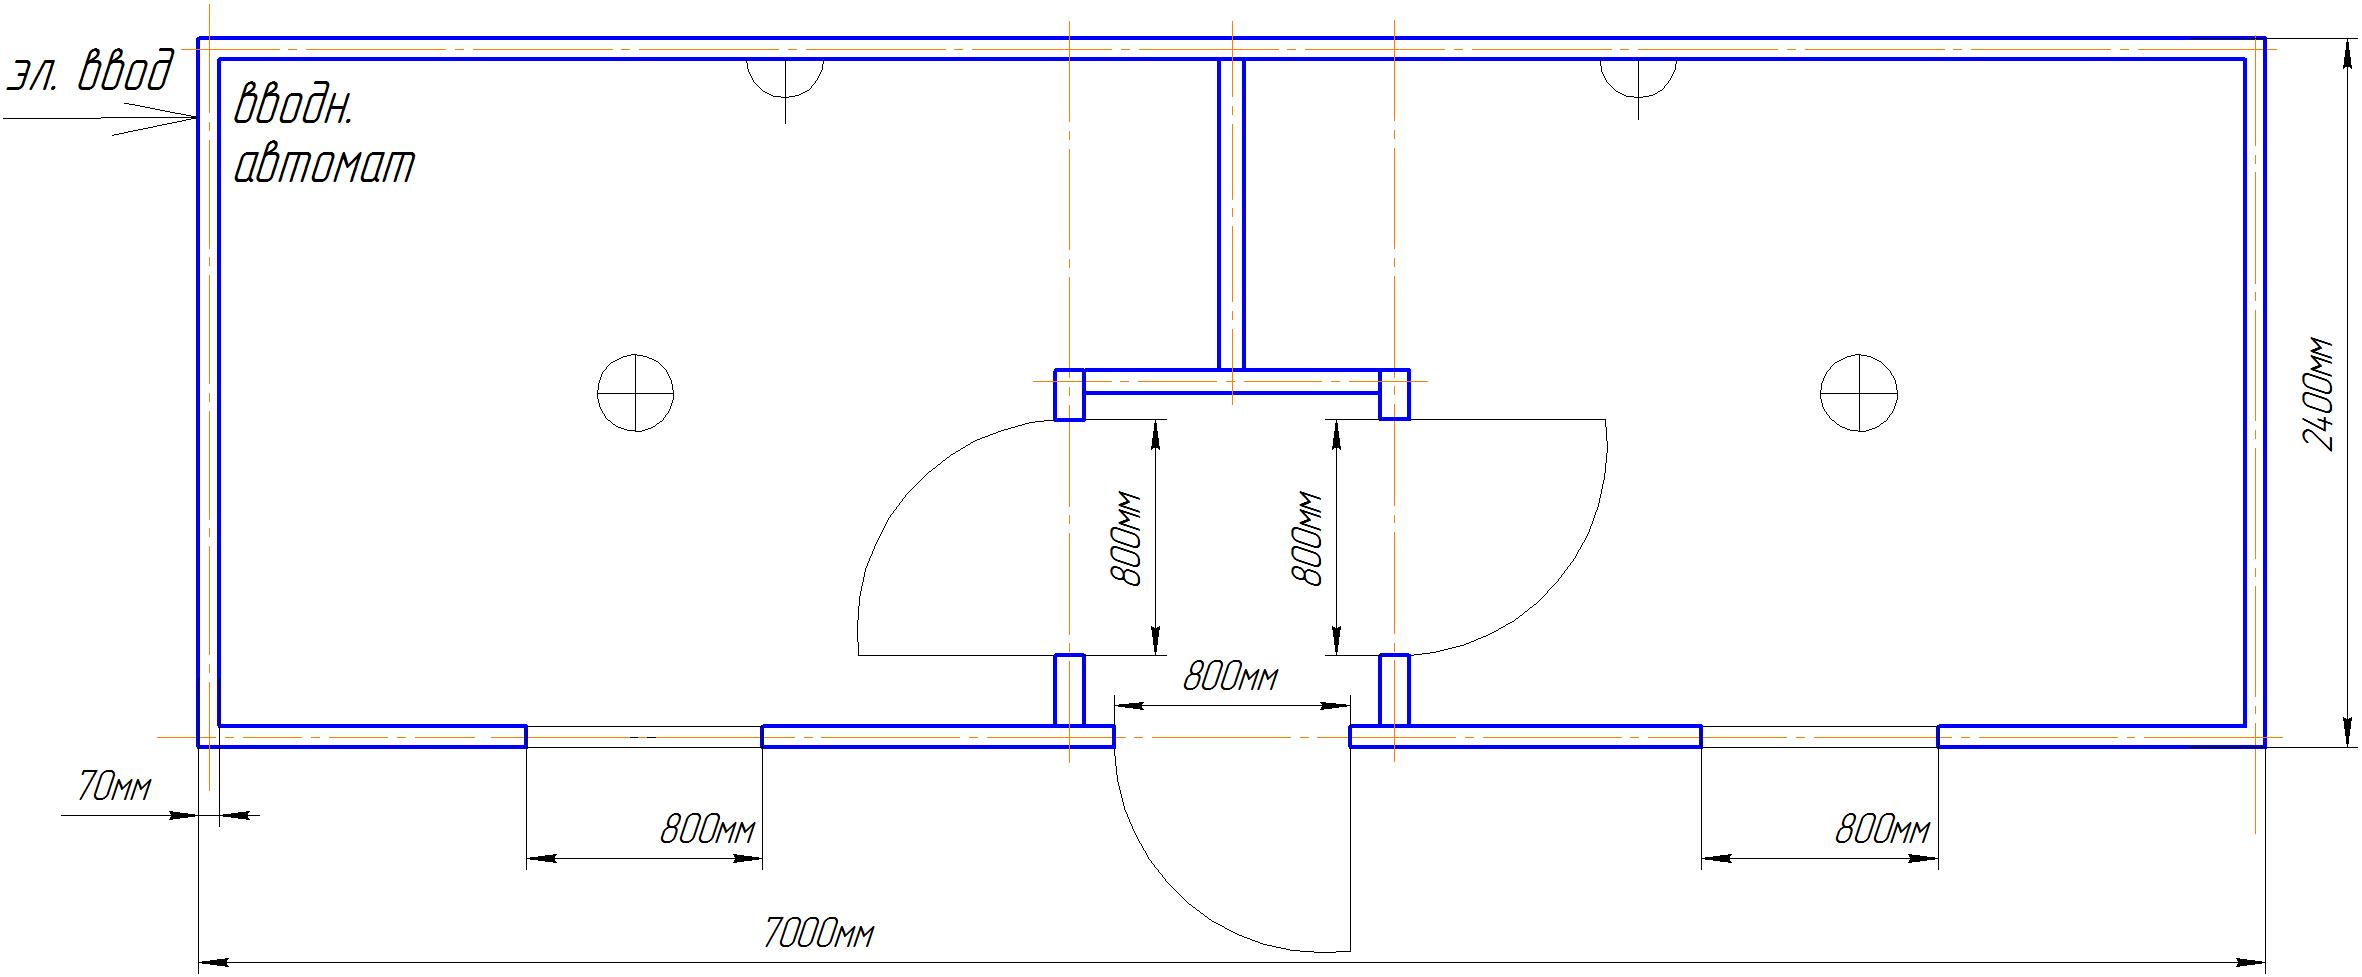 Блок Контейнер 6х2,4м с плоской цельносварной крышей